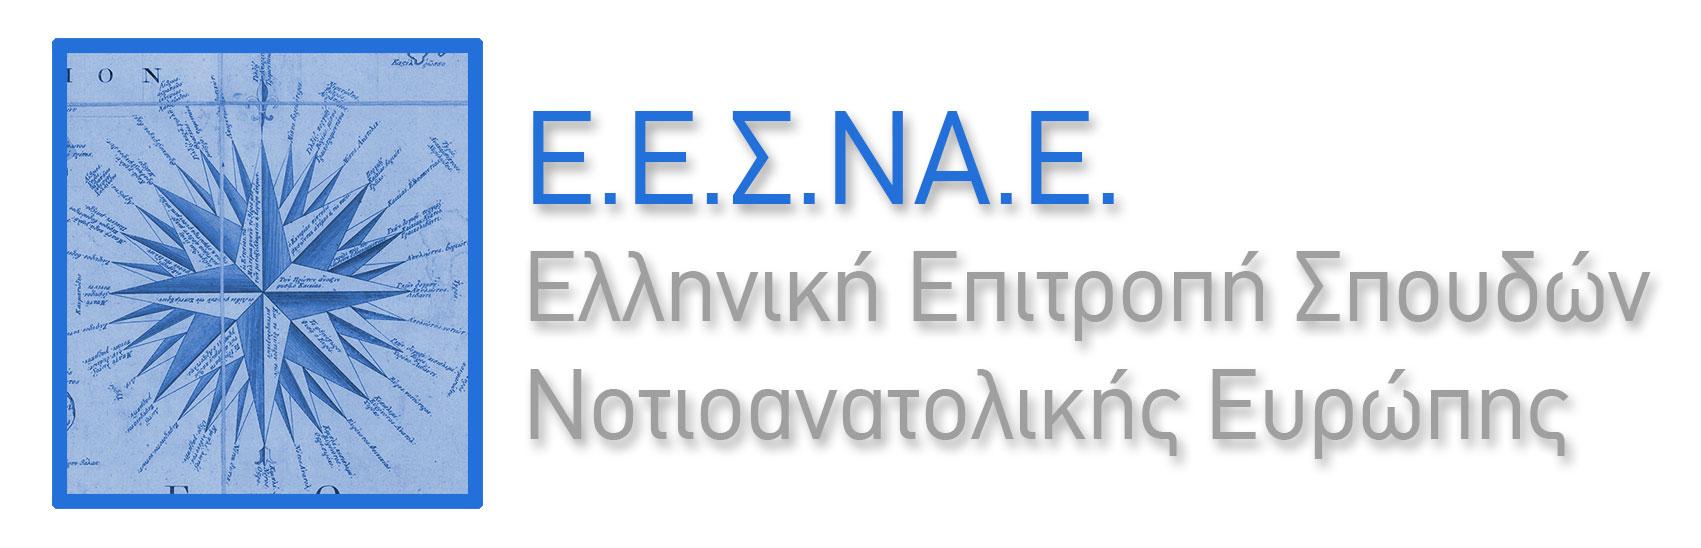 ΕΛΛΗΝΙΚΗ ΕΠΙΤΡΟΠΗ ΣΠΟΥΔΩΝ ΝOΤΙΟΑΝΑΤΟΛΙΚΗΣ ΕΥΡΩΠΗΣ Logo